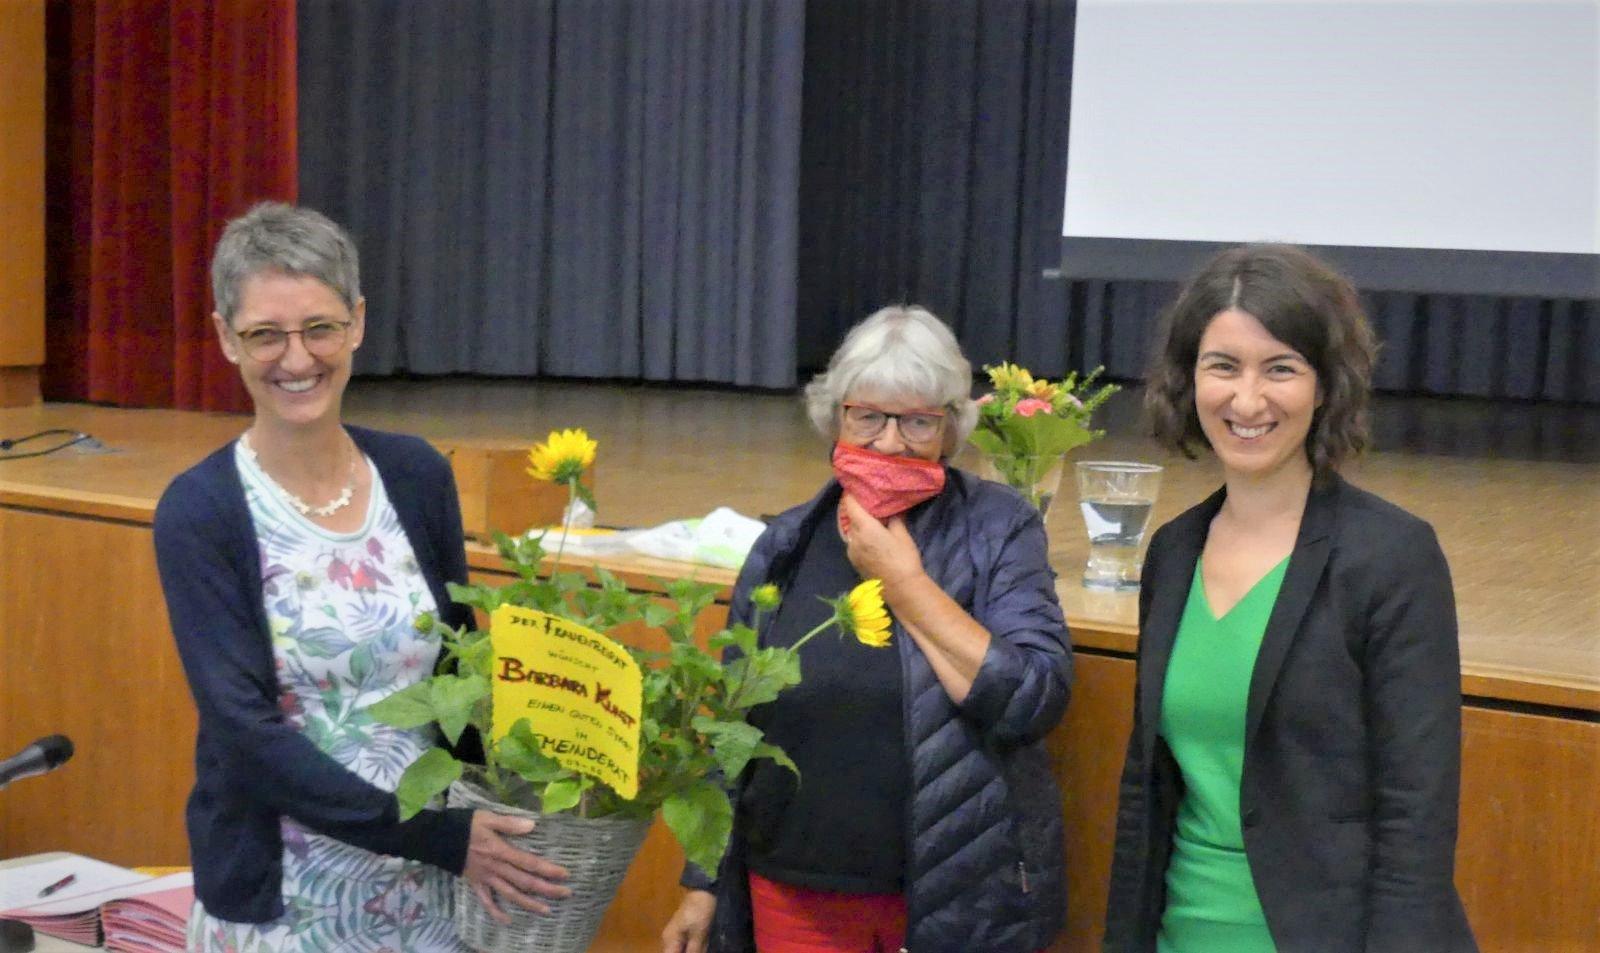 Flowerpower-Frauenpower: Barbara Kunst nimmt Sonnenblumen vom Frauenbeirat in Empfang, überreicht von Barbara Olowinsky, und OB Dorothee Eisenlohr freut sich. Fotos: him